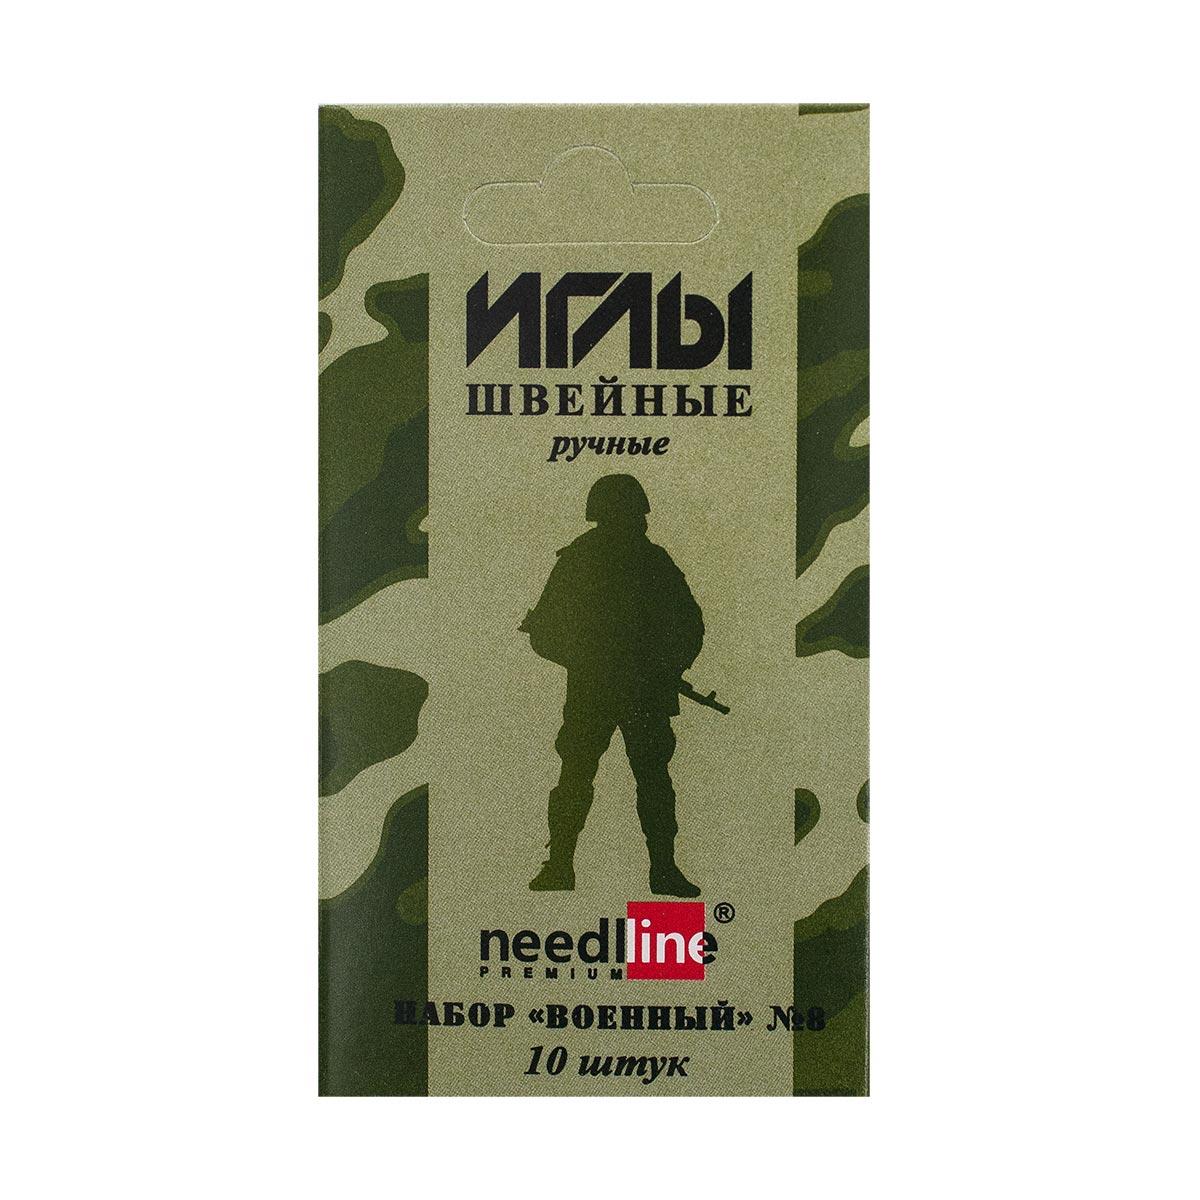 ИЗ-200914 Набор игл швейных ручных ассорти №8 'Военный'